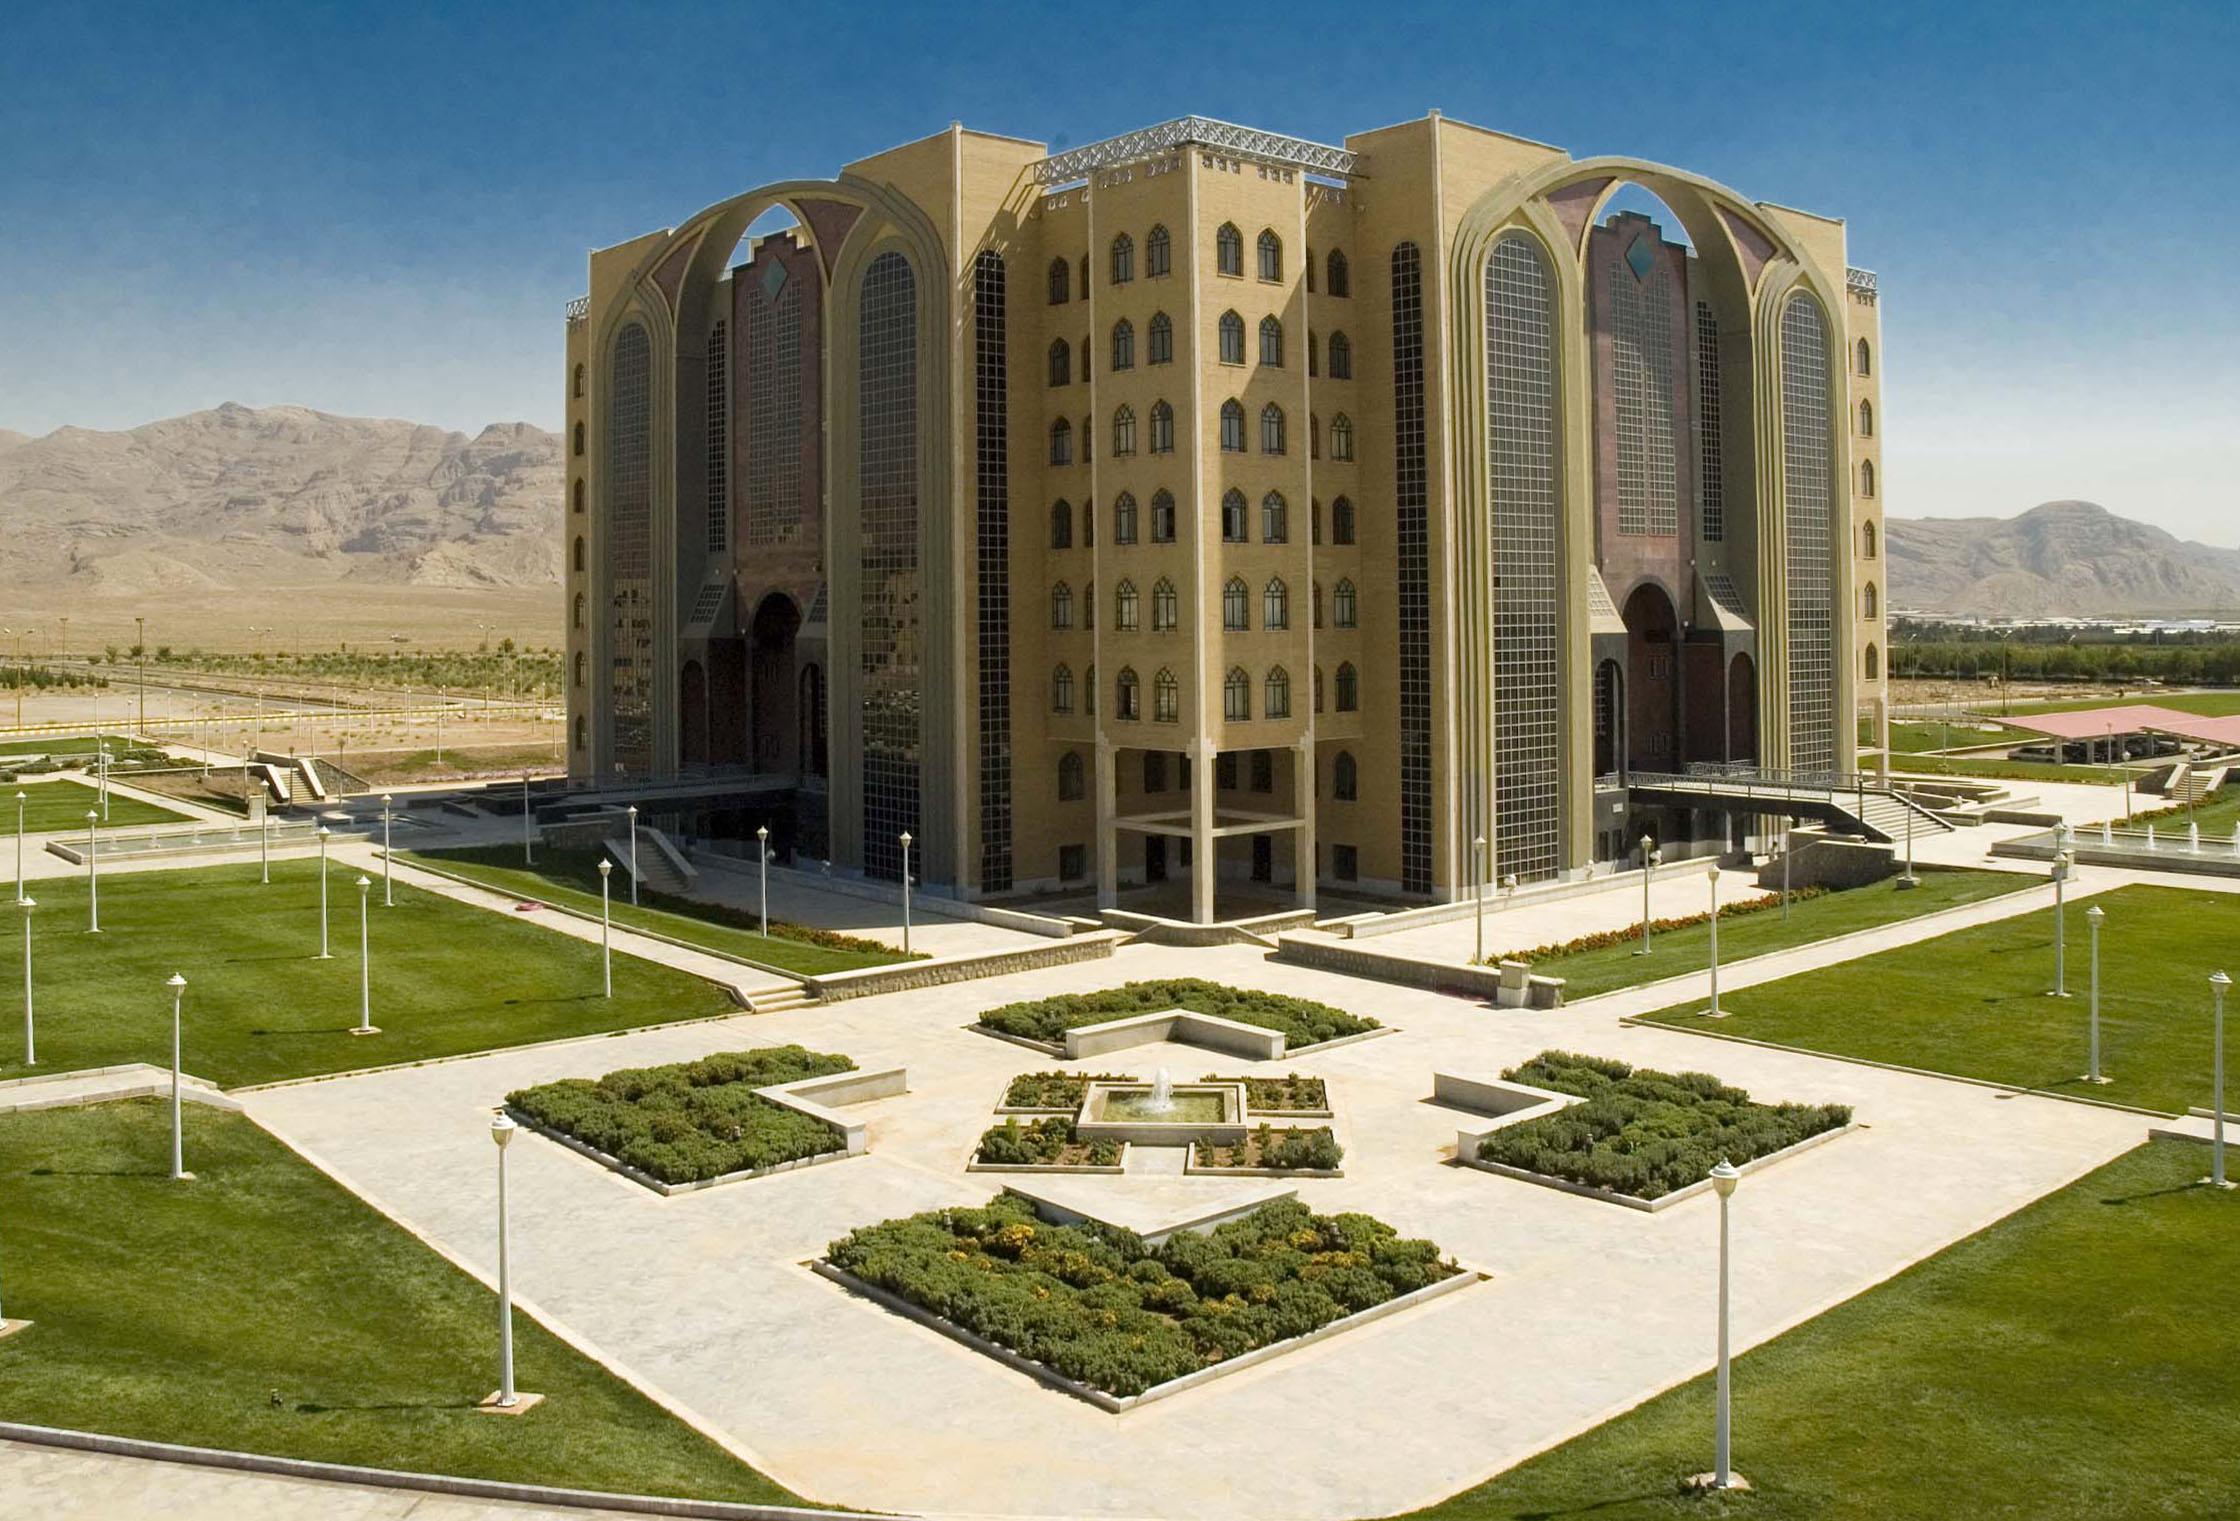 برگزاری ۶۵ سخنرانی و کارگاه در دانشگاه آزاد نجف آباد برگزاری ۶۵ سخنرانی و کارگاه در دانشگاه آزاد نجف آباد برگزاری ۶۵ سخنرانی و کارگاه در دانشگاه آزاد نجف آباد